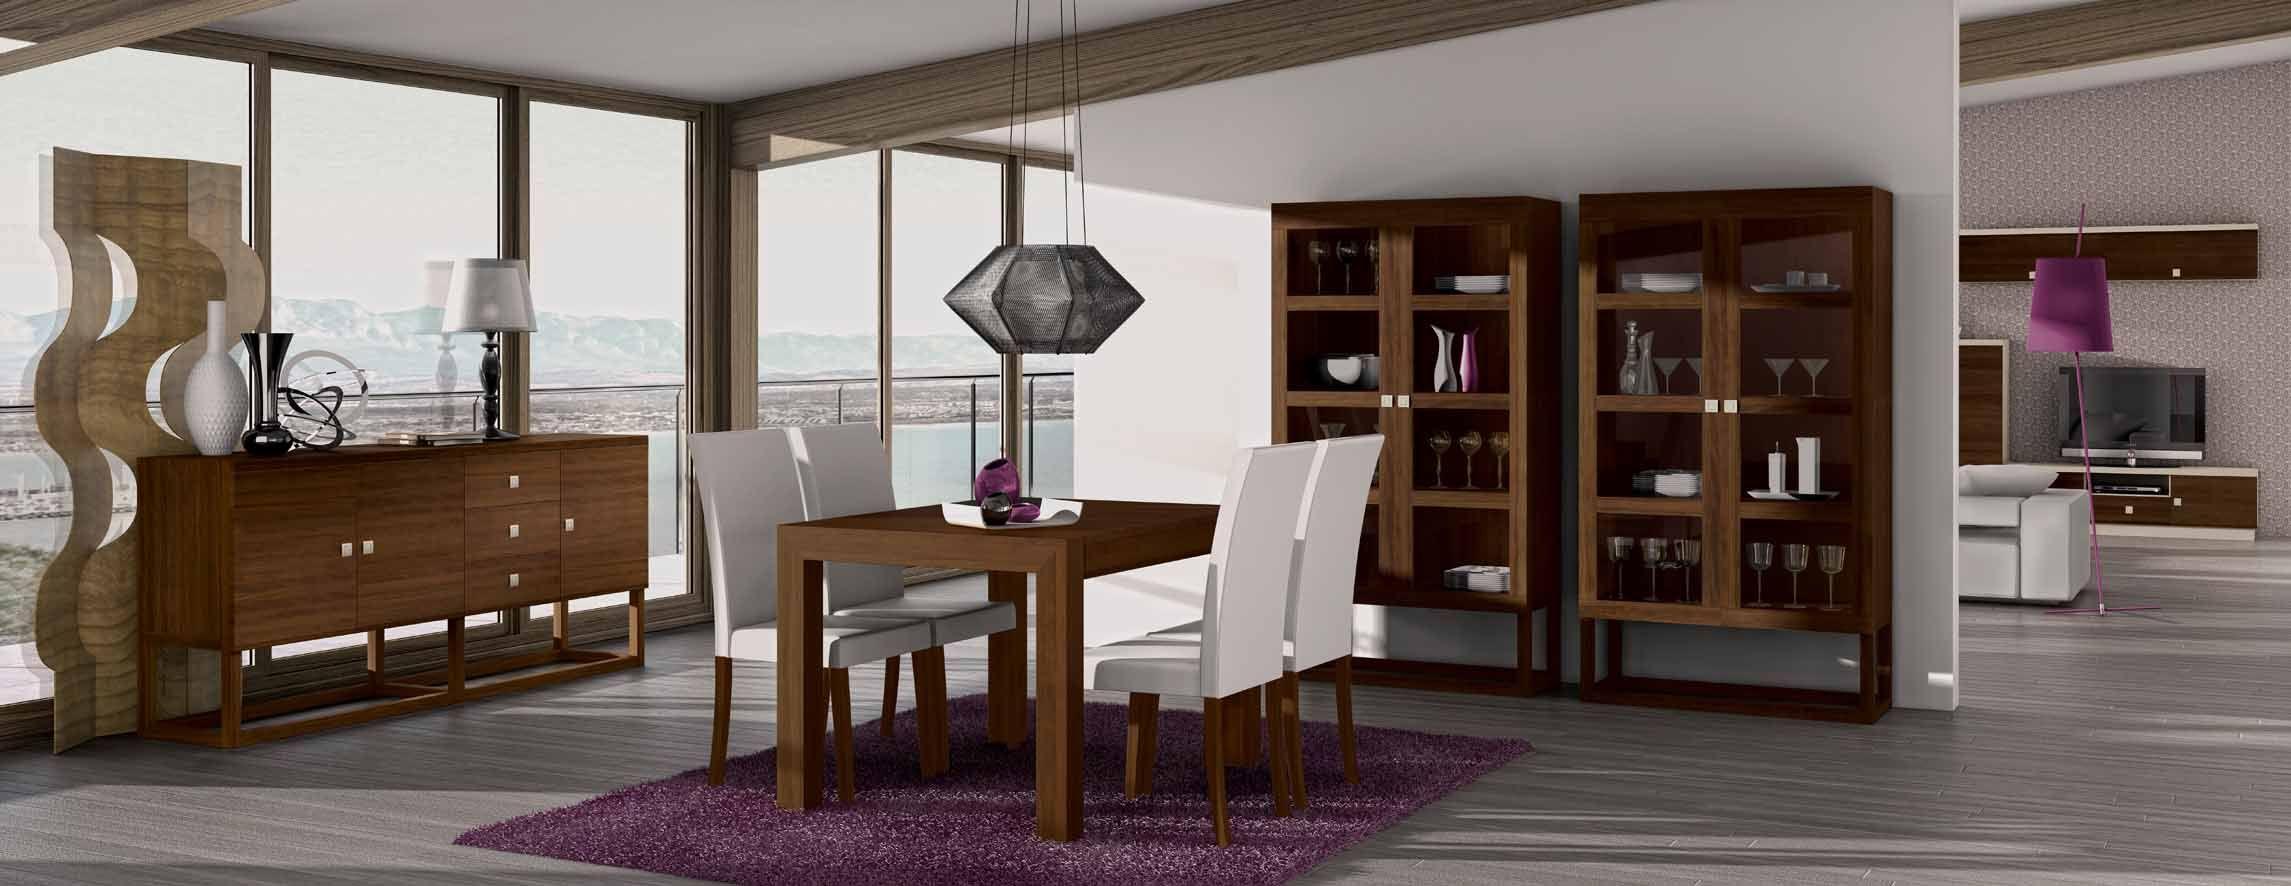 Foto 29 de Muebles y decoración en Cuarte de Huerva | Muebles Pedro Marco